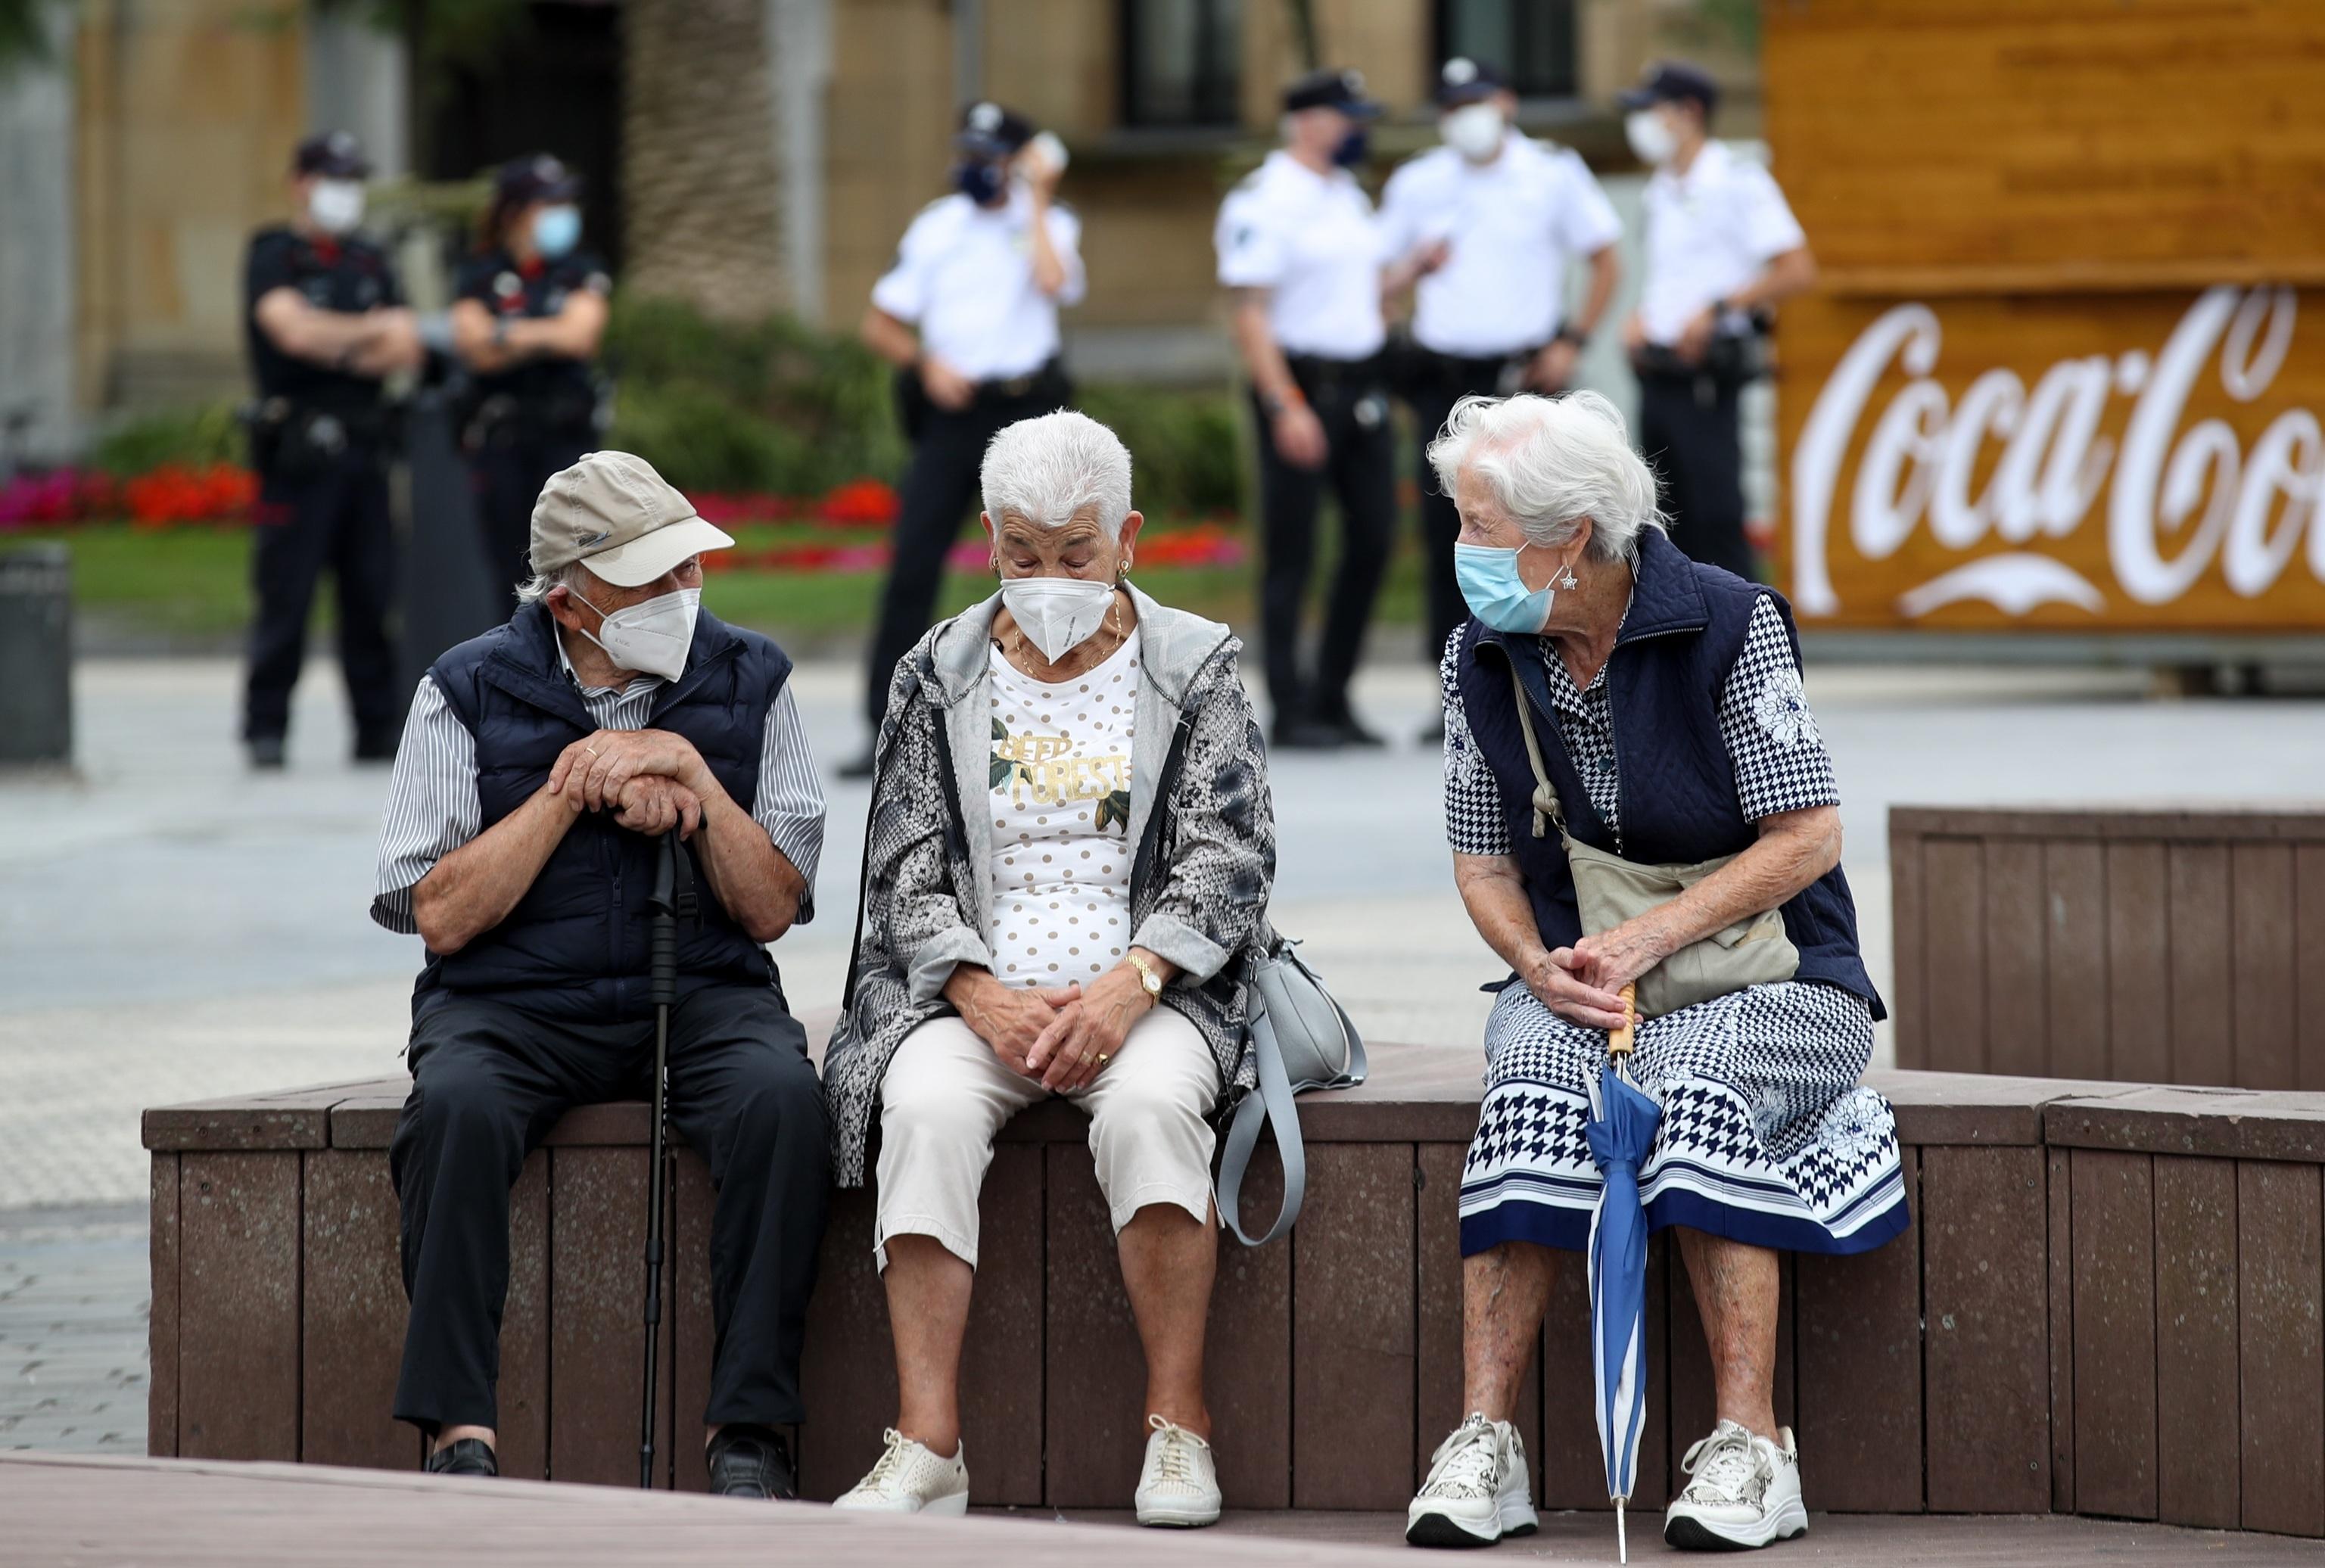 Un grupo de ancianos conversa con mascarilla en San Sebastián.